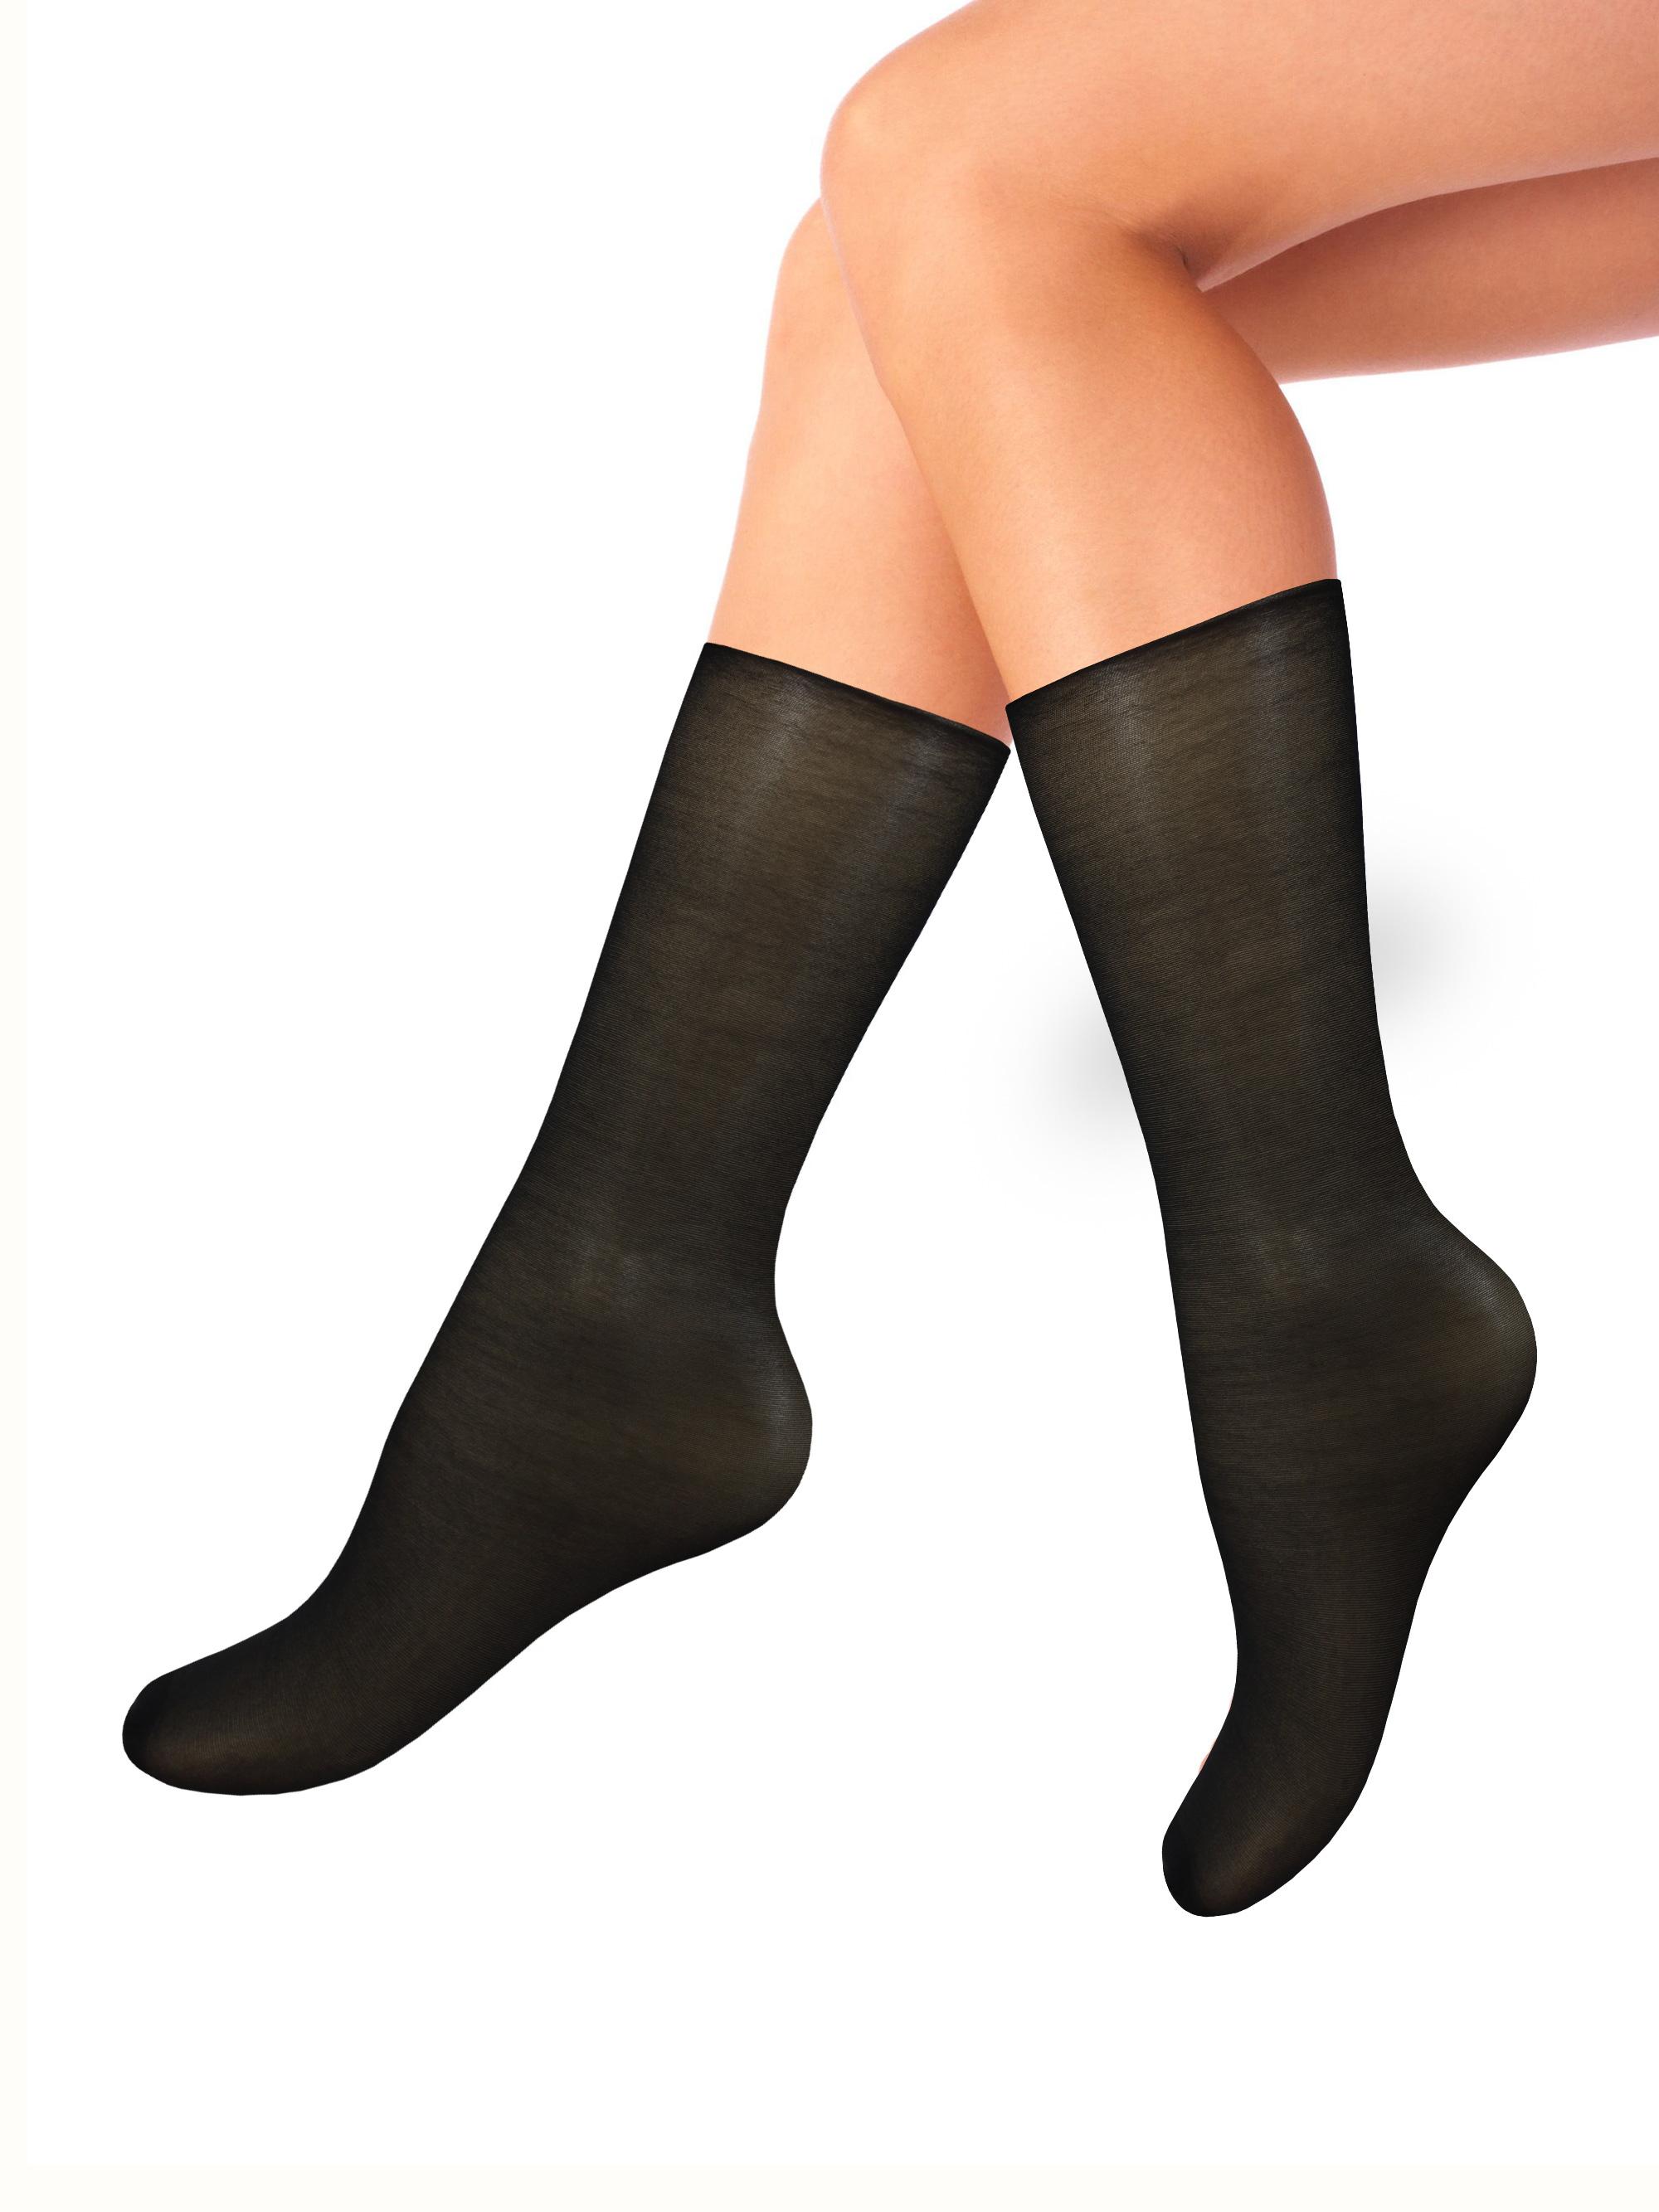 Капроновые носки женские Mademoiselle Jack (c.) Mad. черные UNICA